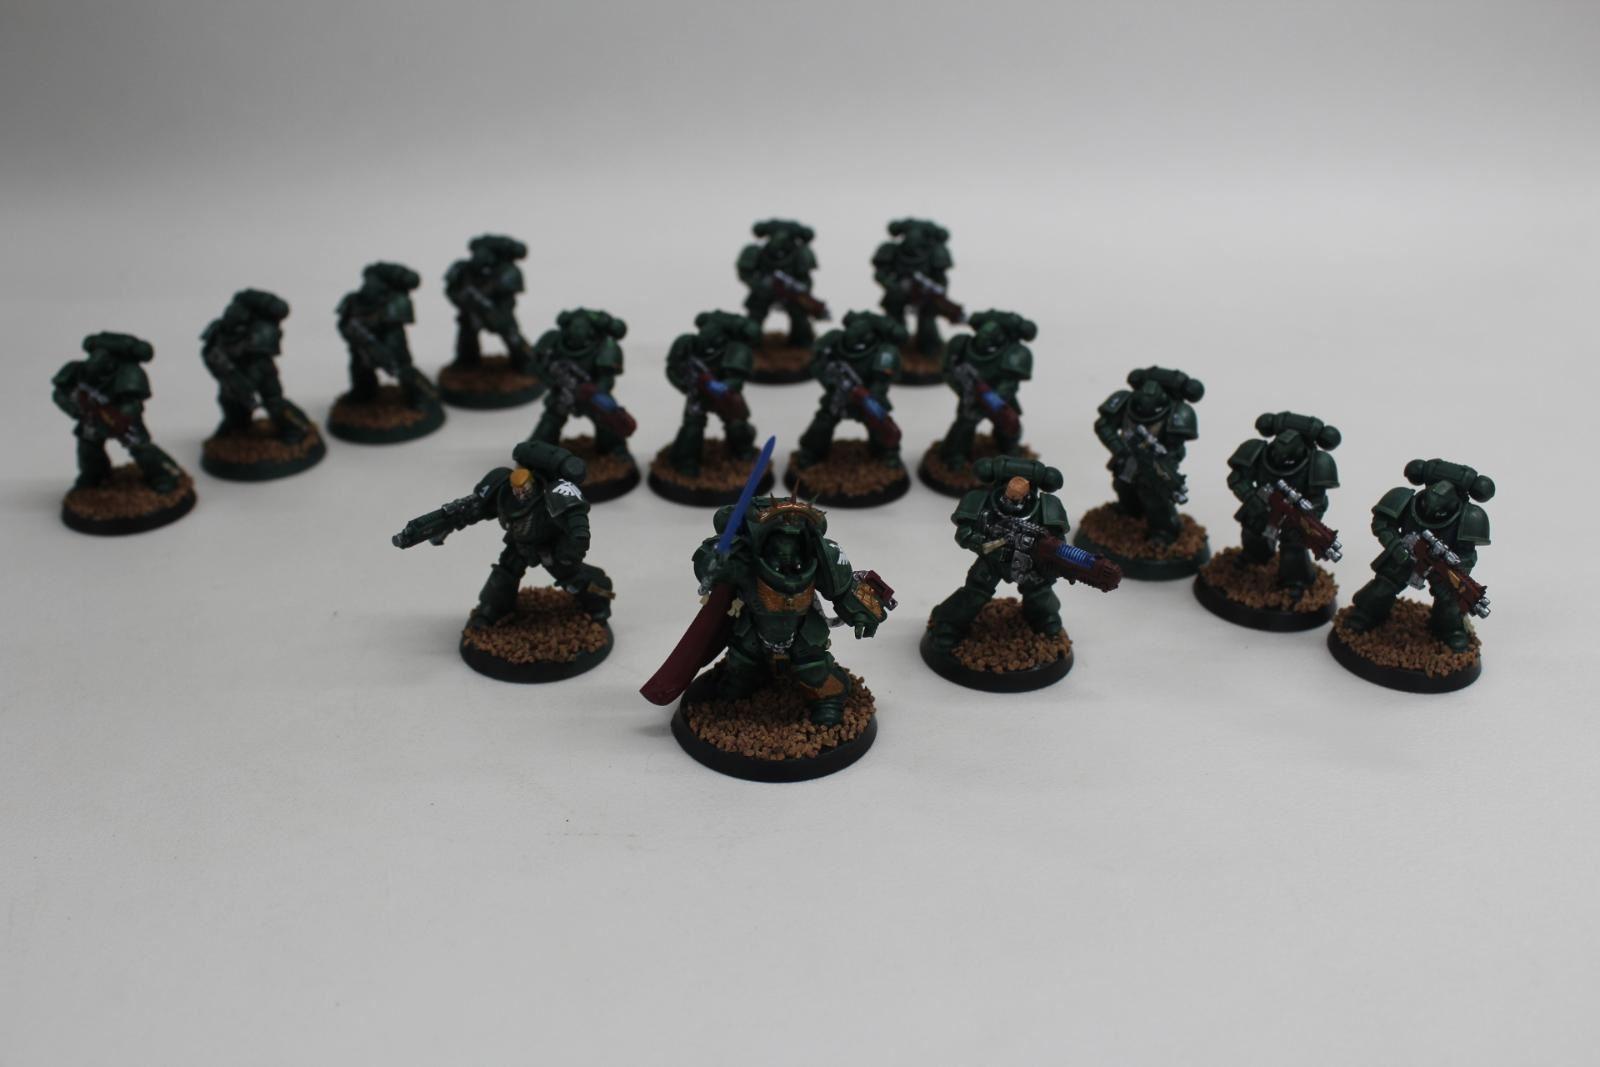 GAMES-WORKSHOP-Warhammer-40K-Dark-Angels-Primaris-Army-Painted-Space-Marines